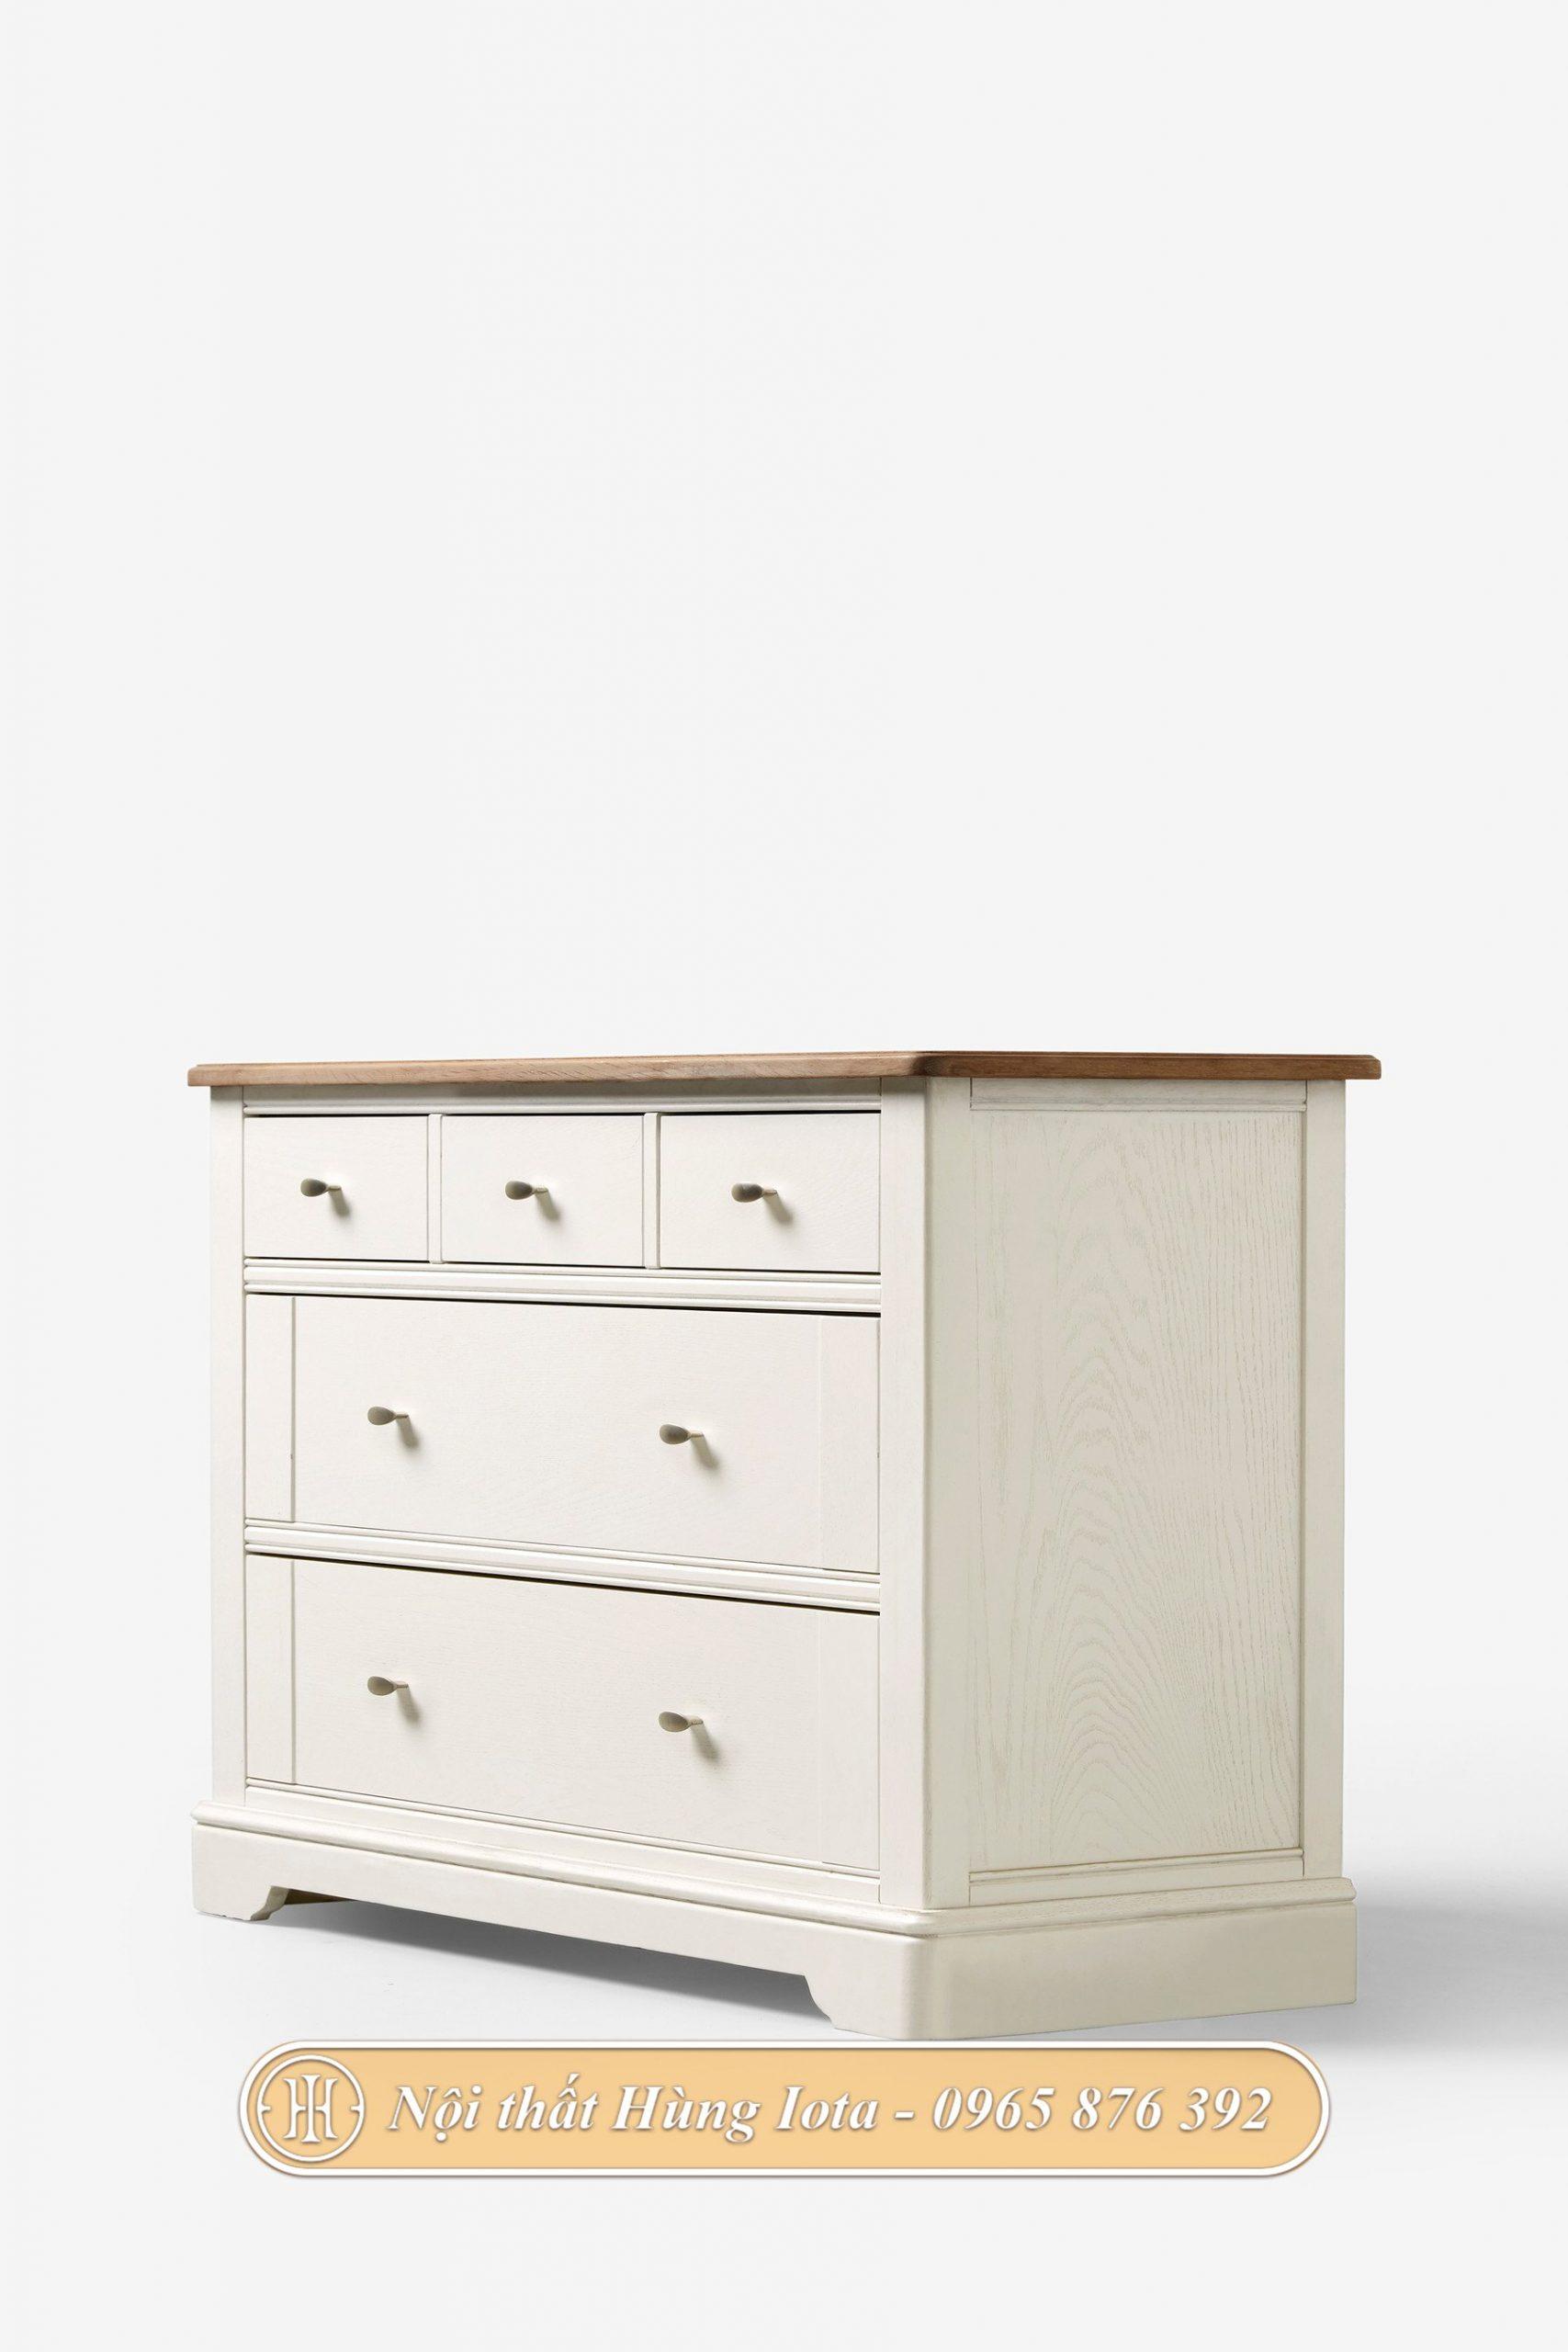 Tủ đựng đồ trắng đơn giản